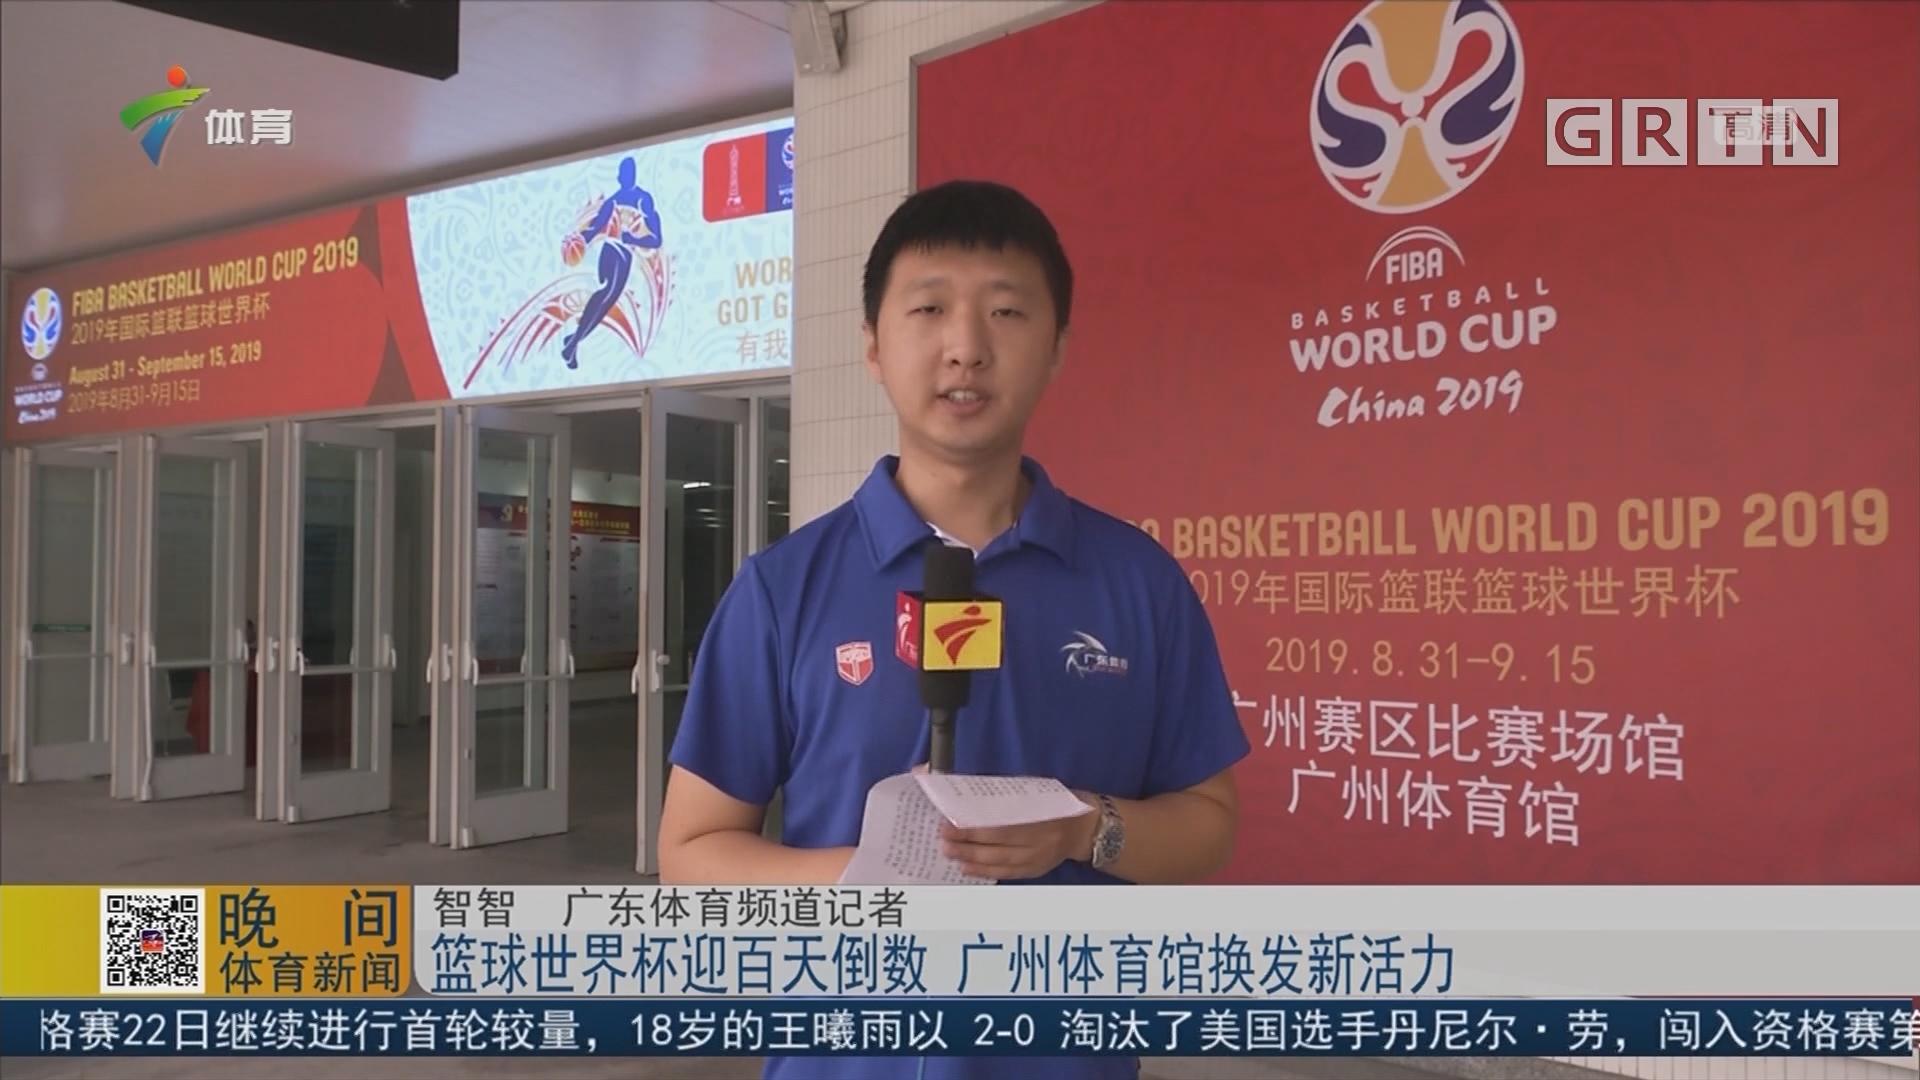 篮球世界杯迎百天倒数 广州体育馆换发新活力